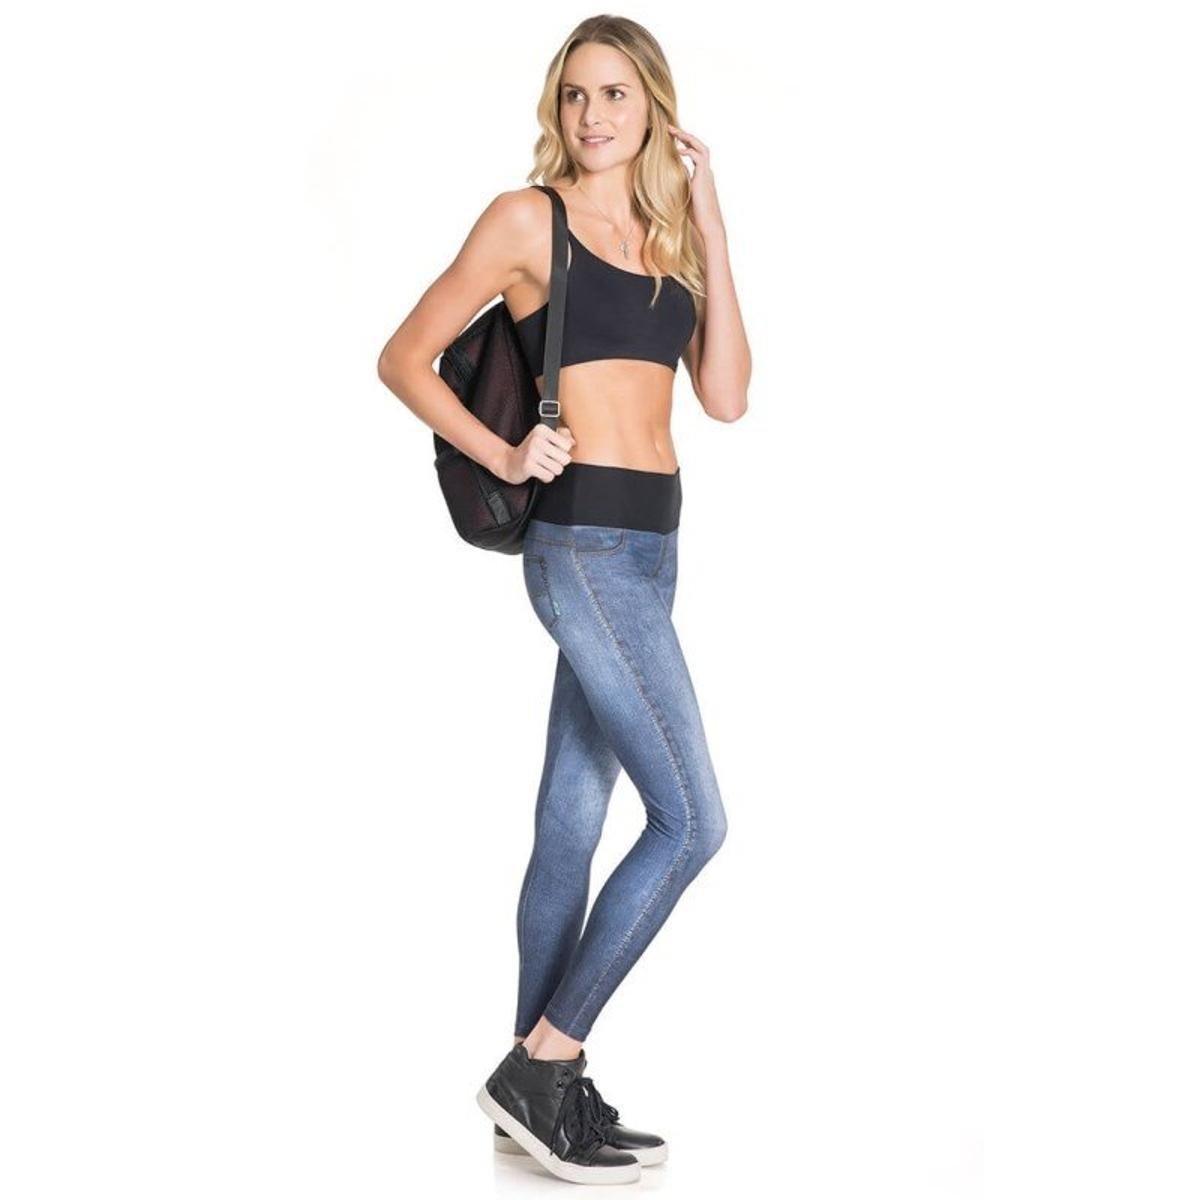 Calça Legging Jeans Boost Wash Live - Compre Agora  6339fc5d509f4